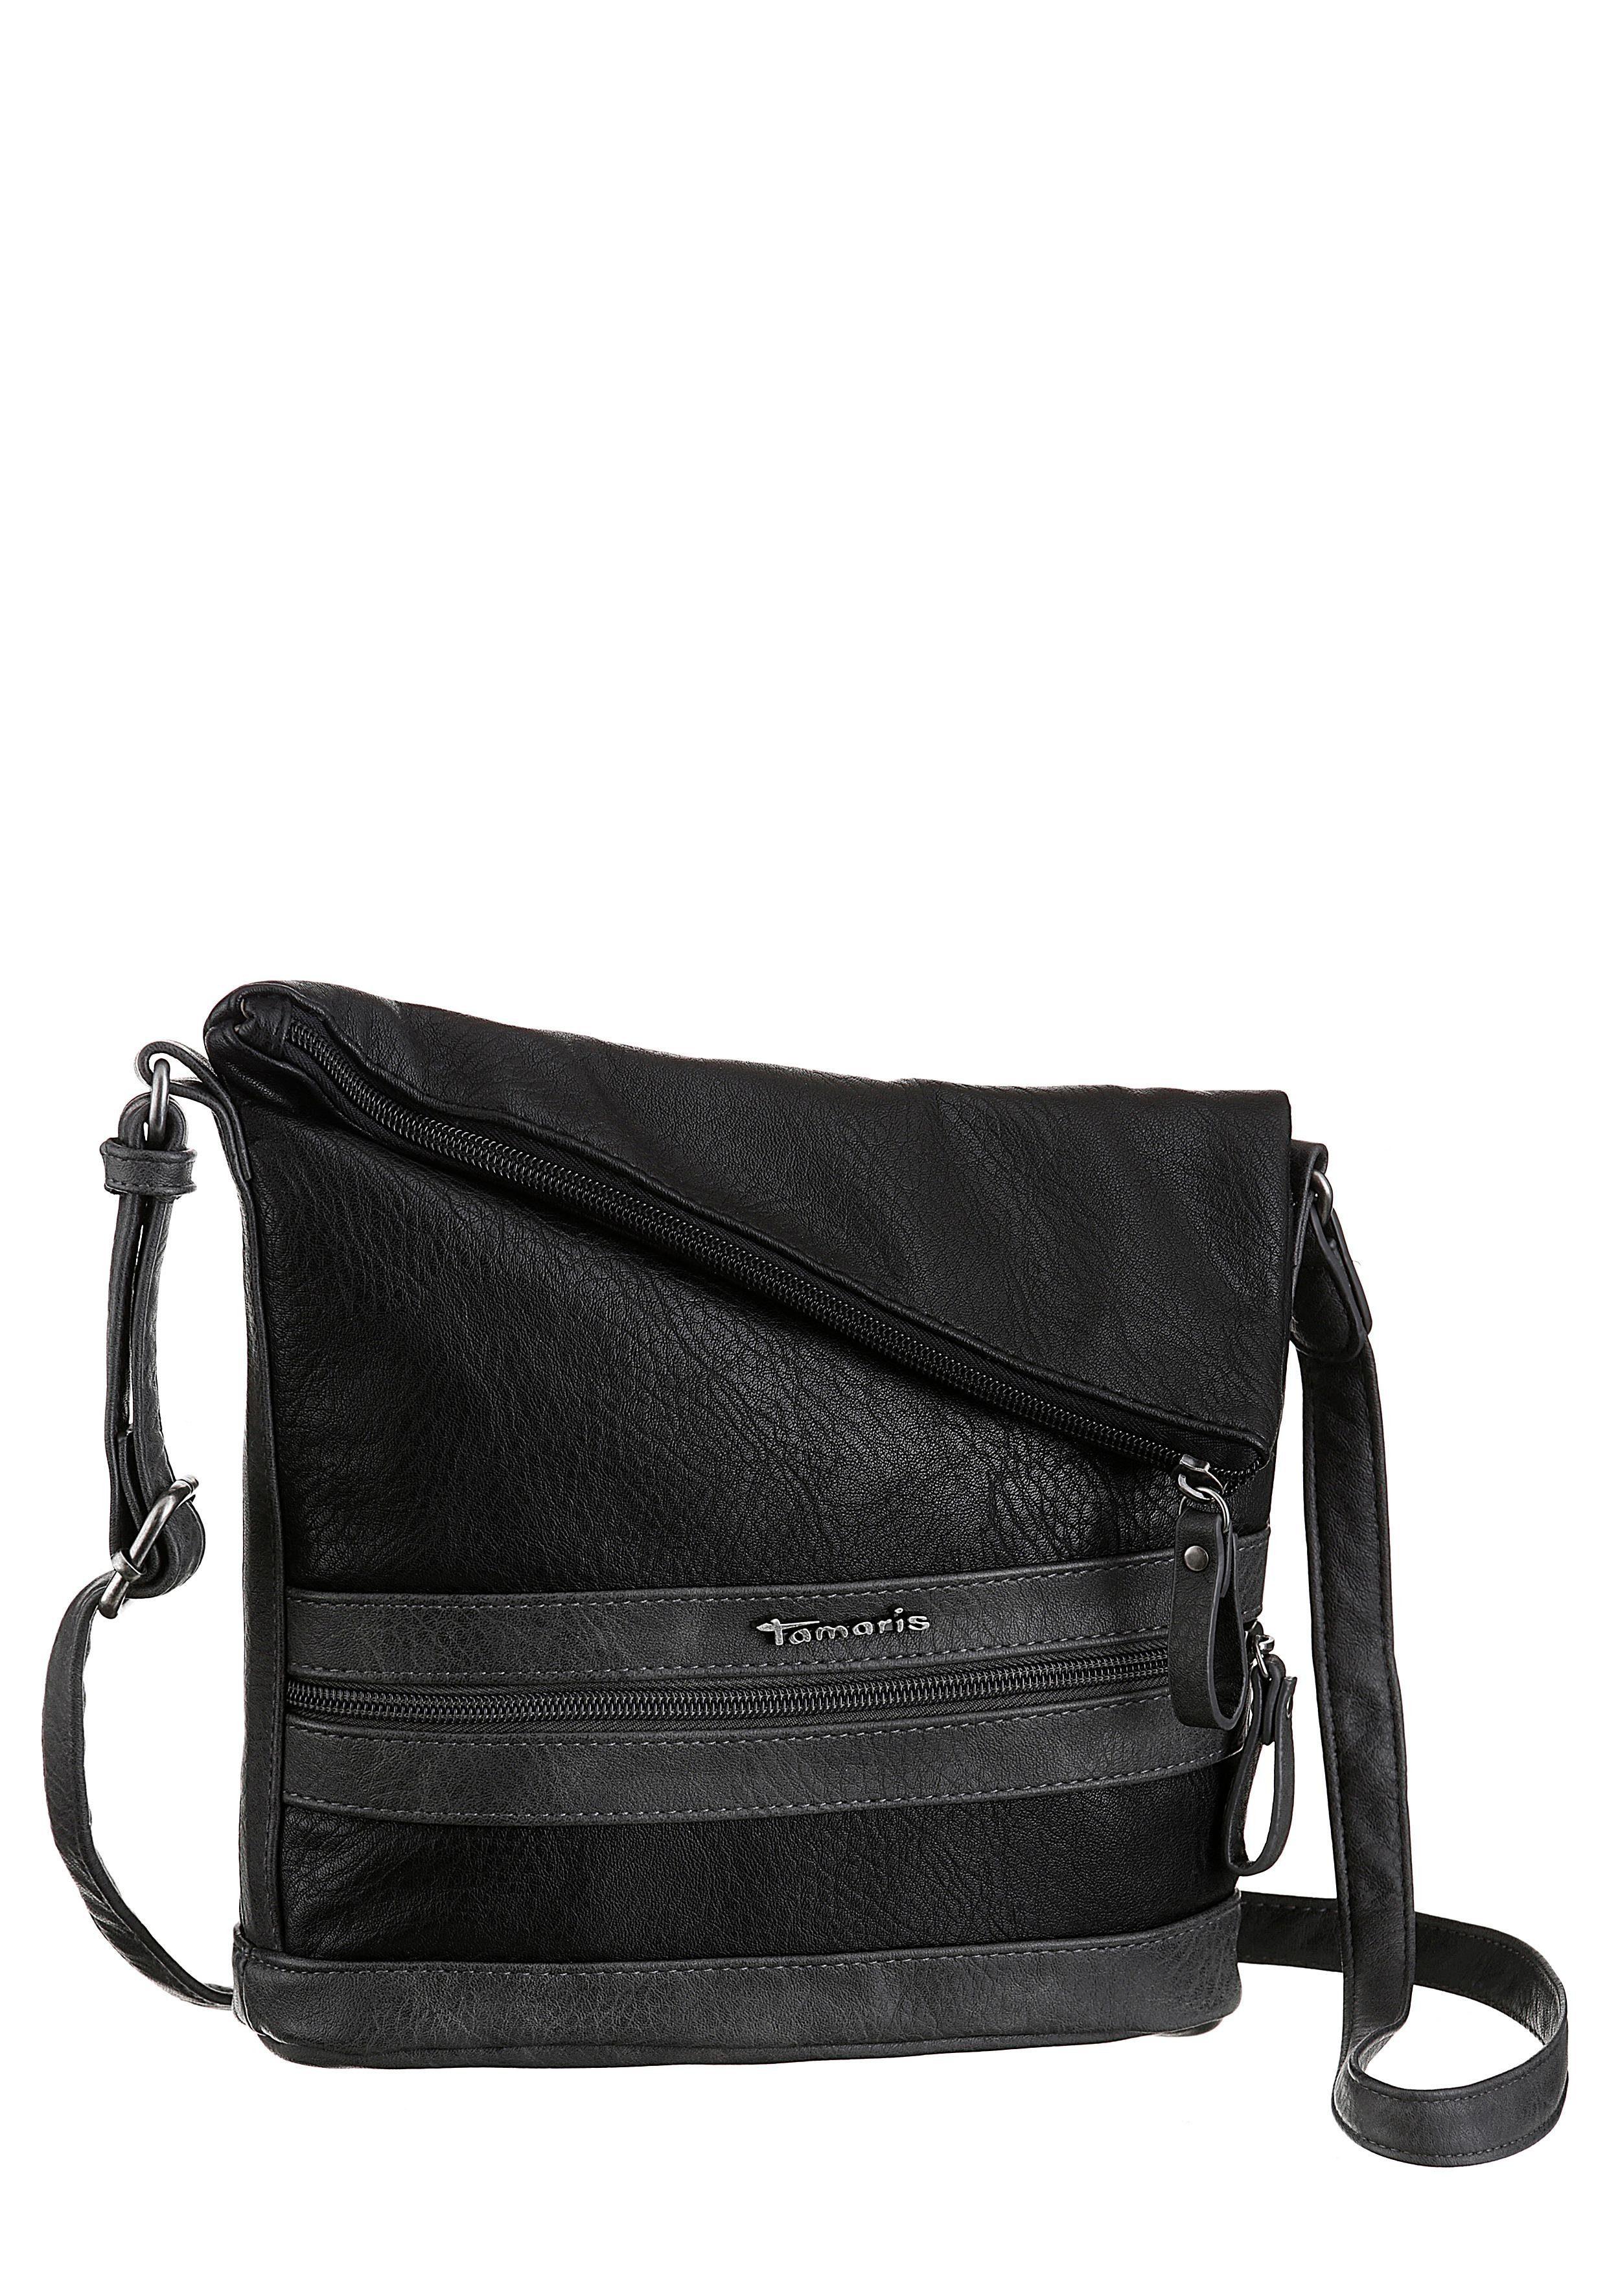 Tamaris Umhängetasche »SMIRNE Hobo Bag«, in asymetrischer Form online kaufen | OTTO